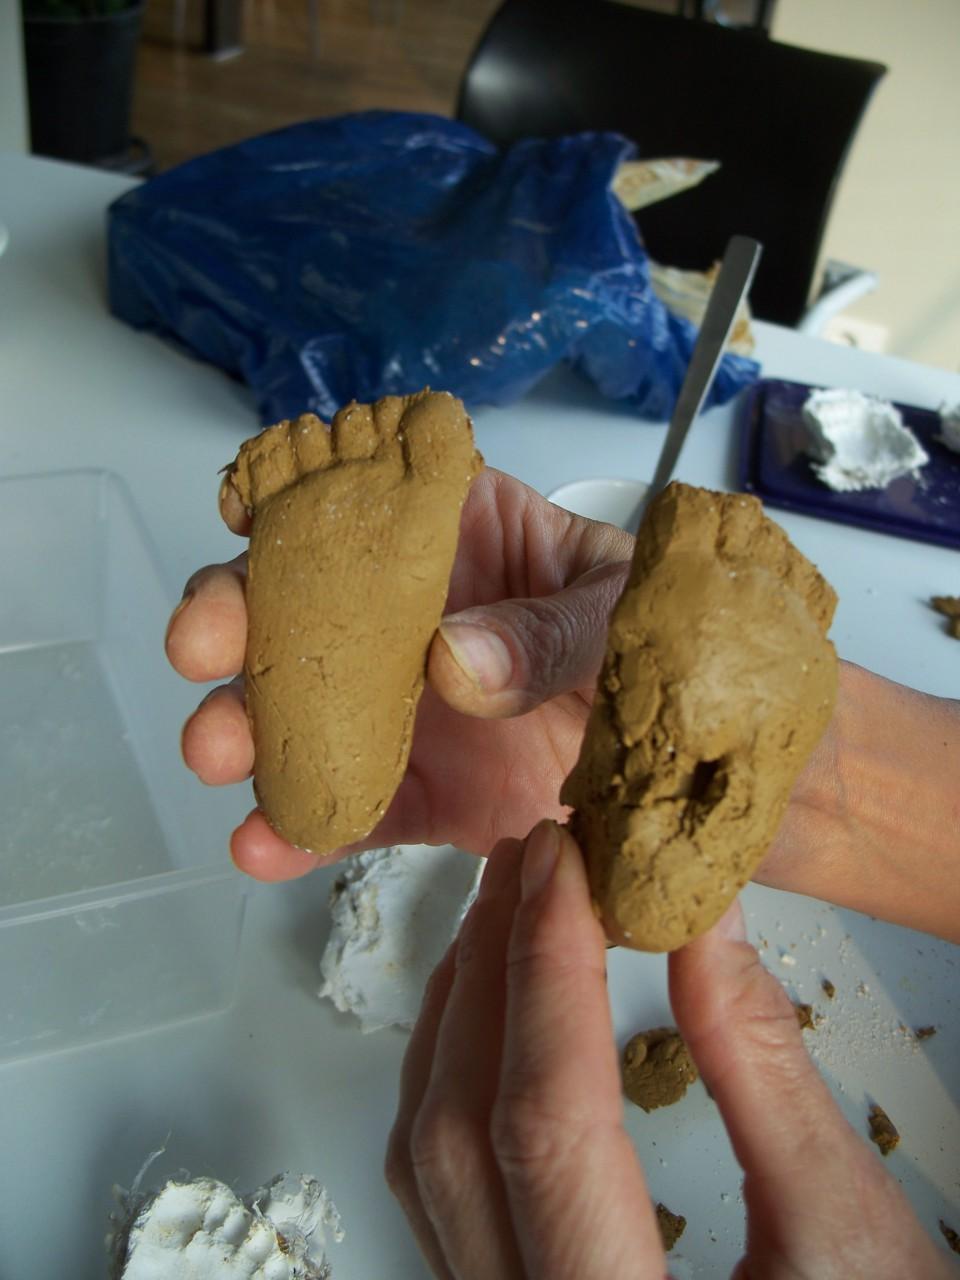 De kleine voetjes van onze boreling aan het boeseren!